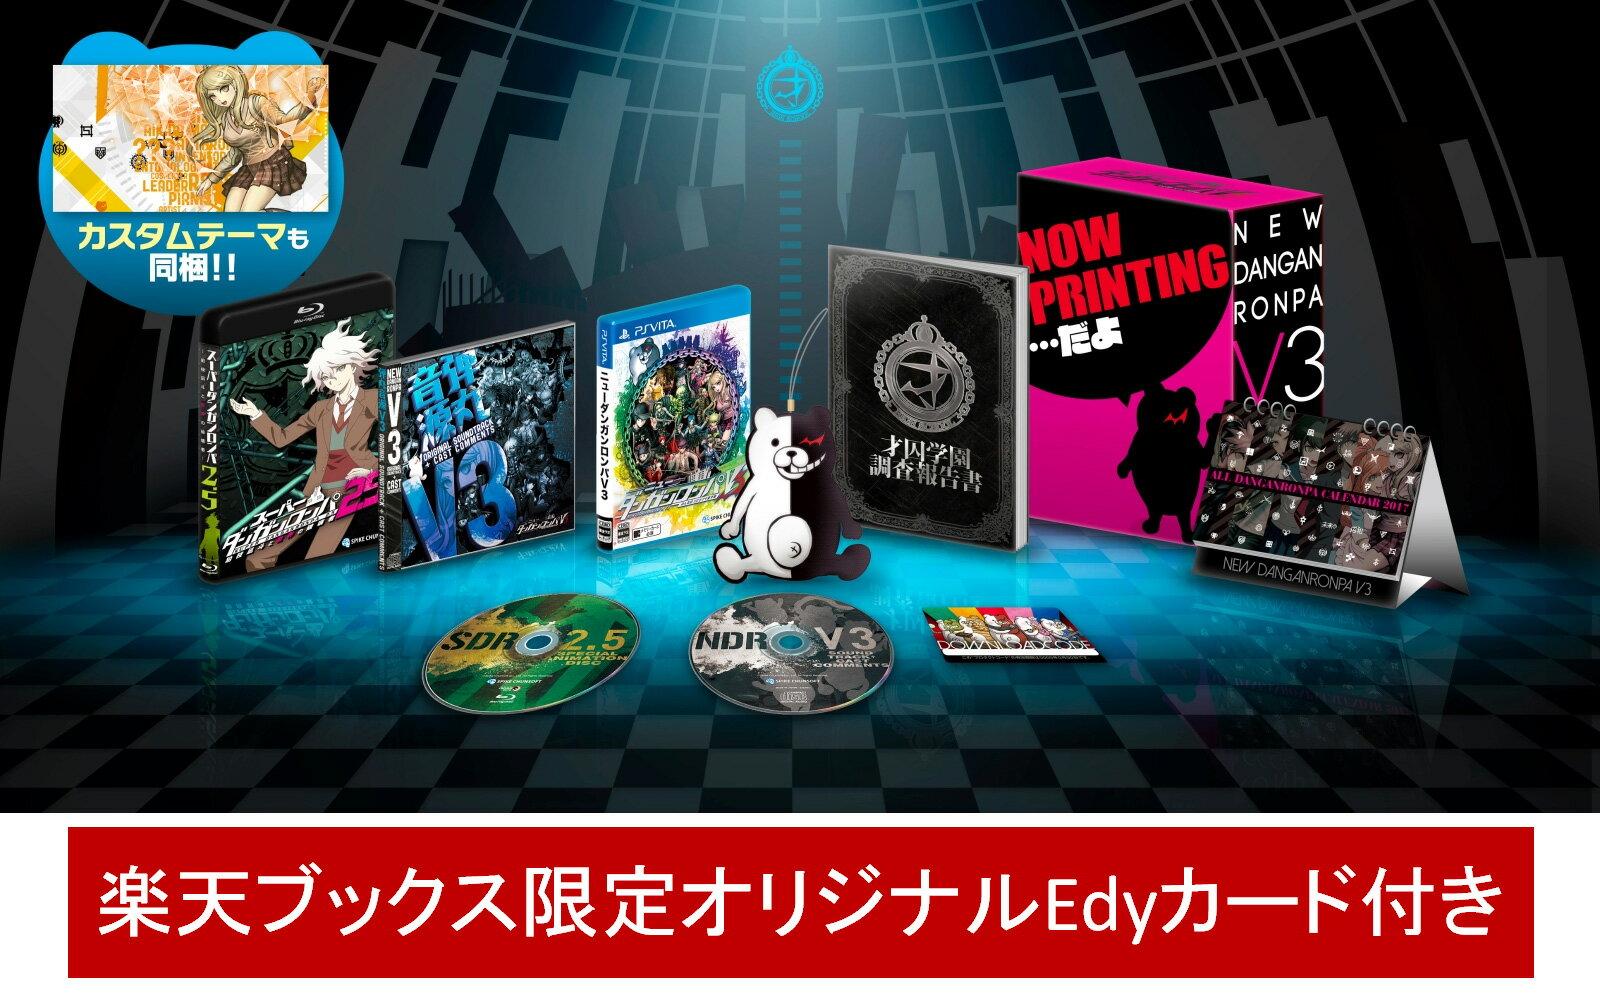 【予約】ニューダンガンロンパV3 みんなのコロシアイ新学期 超高校級の限定BOX PS Vita版